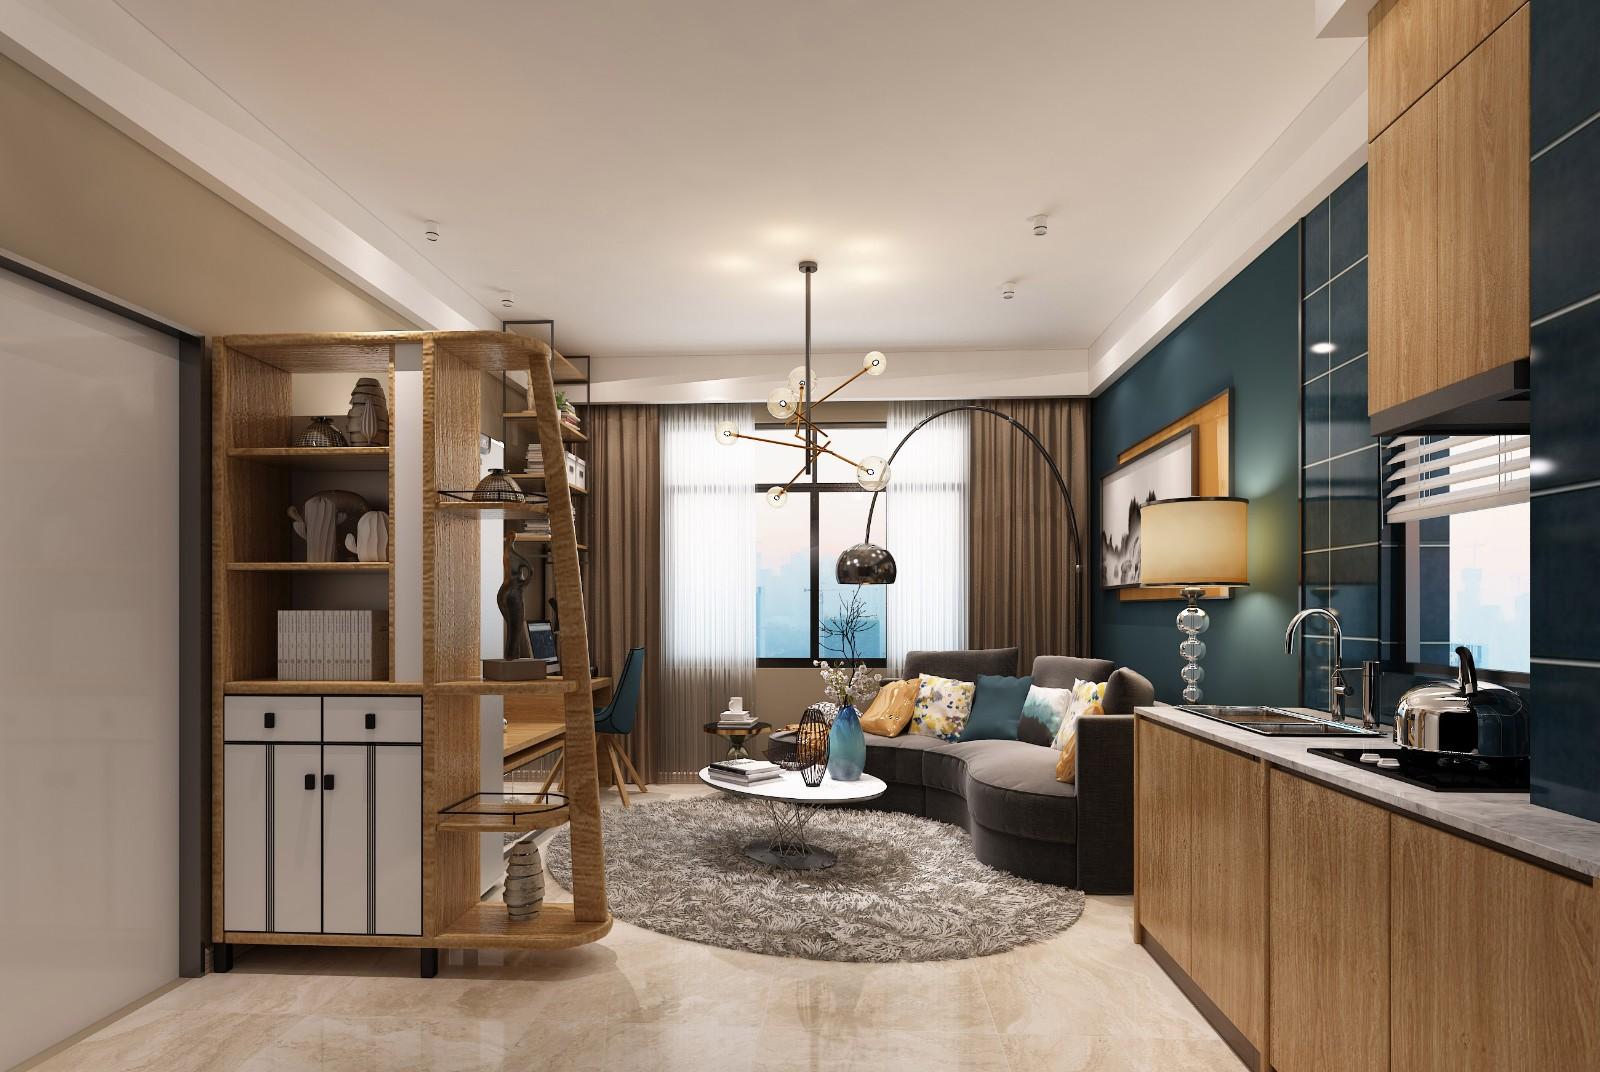 2020宜家60平米以下裝修效果圖大全 2020宜家一居室裝飾設計